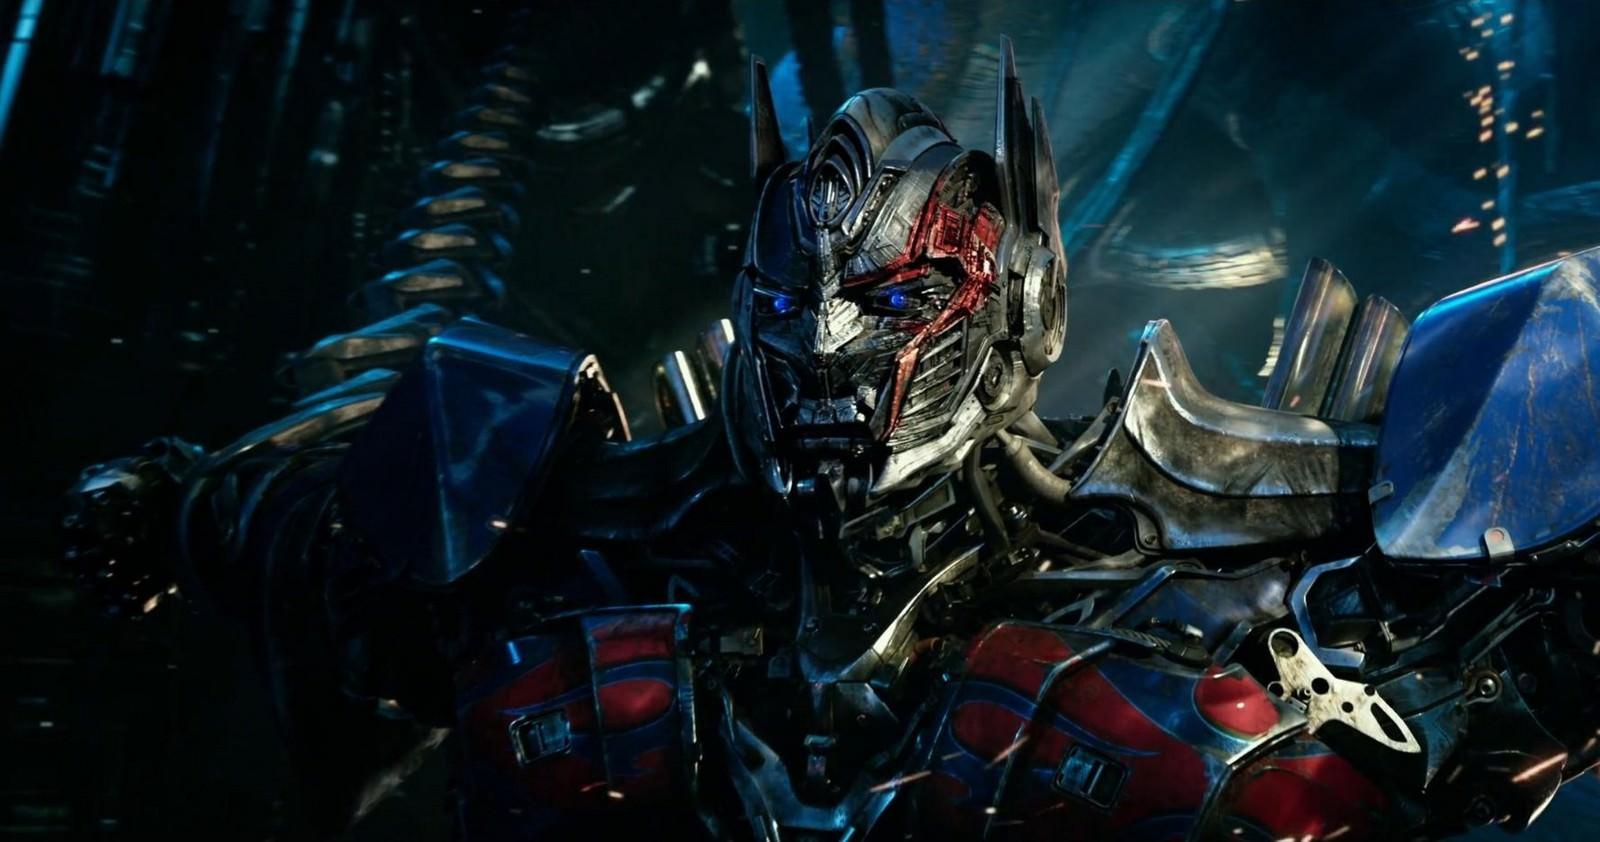 Movie, Transformers: The Last Knight(美國, 2017年) / 變形金剛5:最終騎士(台灣) / 变形金刚5:最后的骑士(中國) / 變形金剛:終極戰士(香港), 電影角色與演員介紹